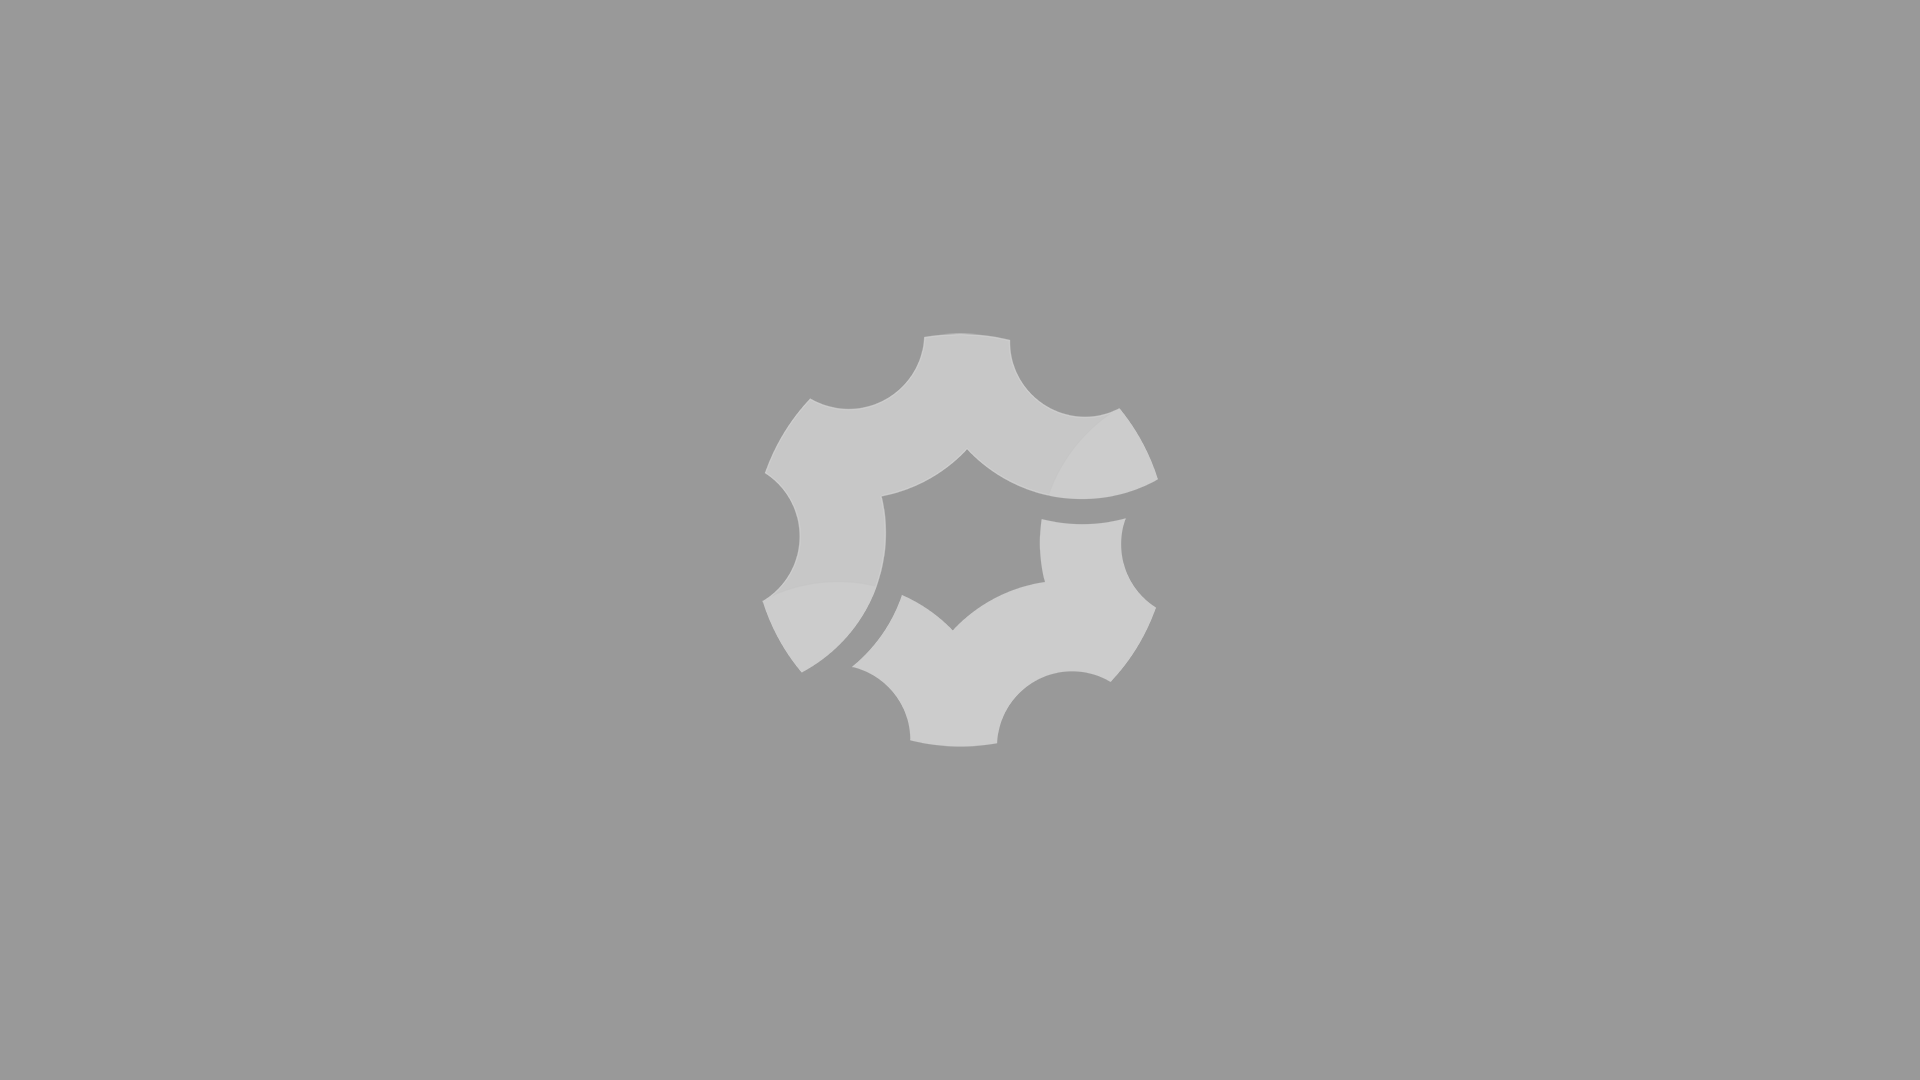 snowrunner_ksiva_p_d7b4f_2021-04-18_14_58_38.png